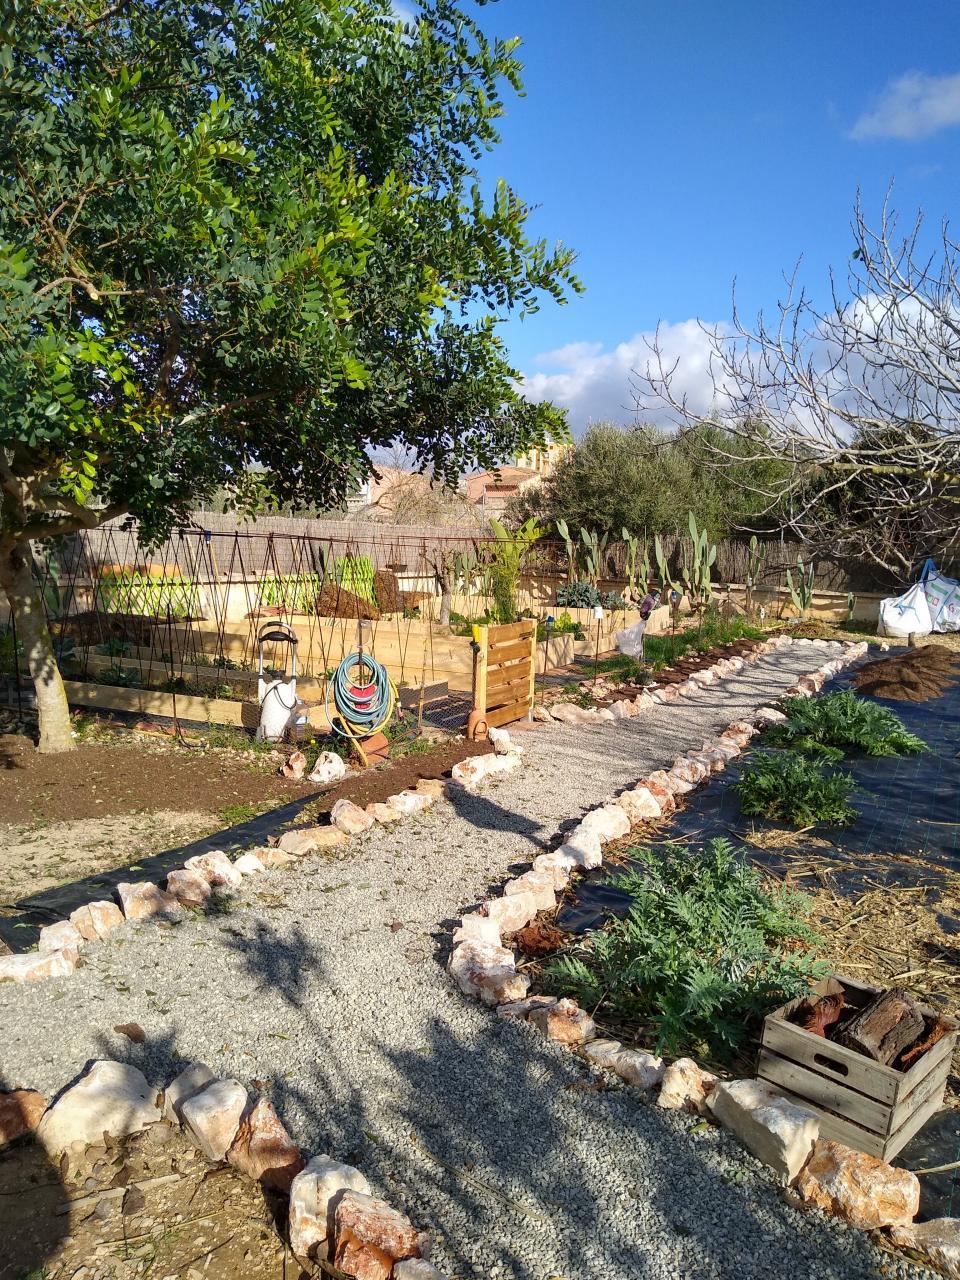 Pathways through the Garden